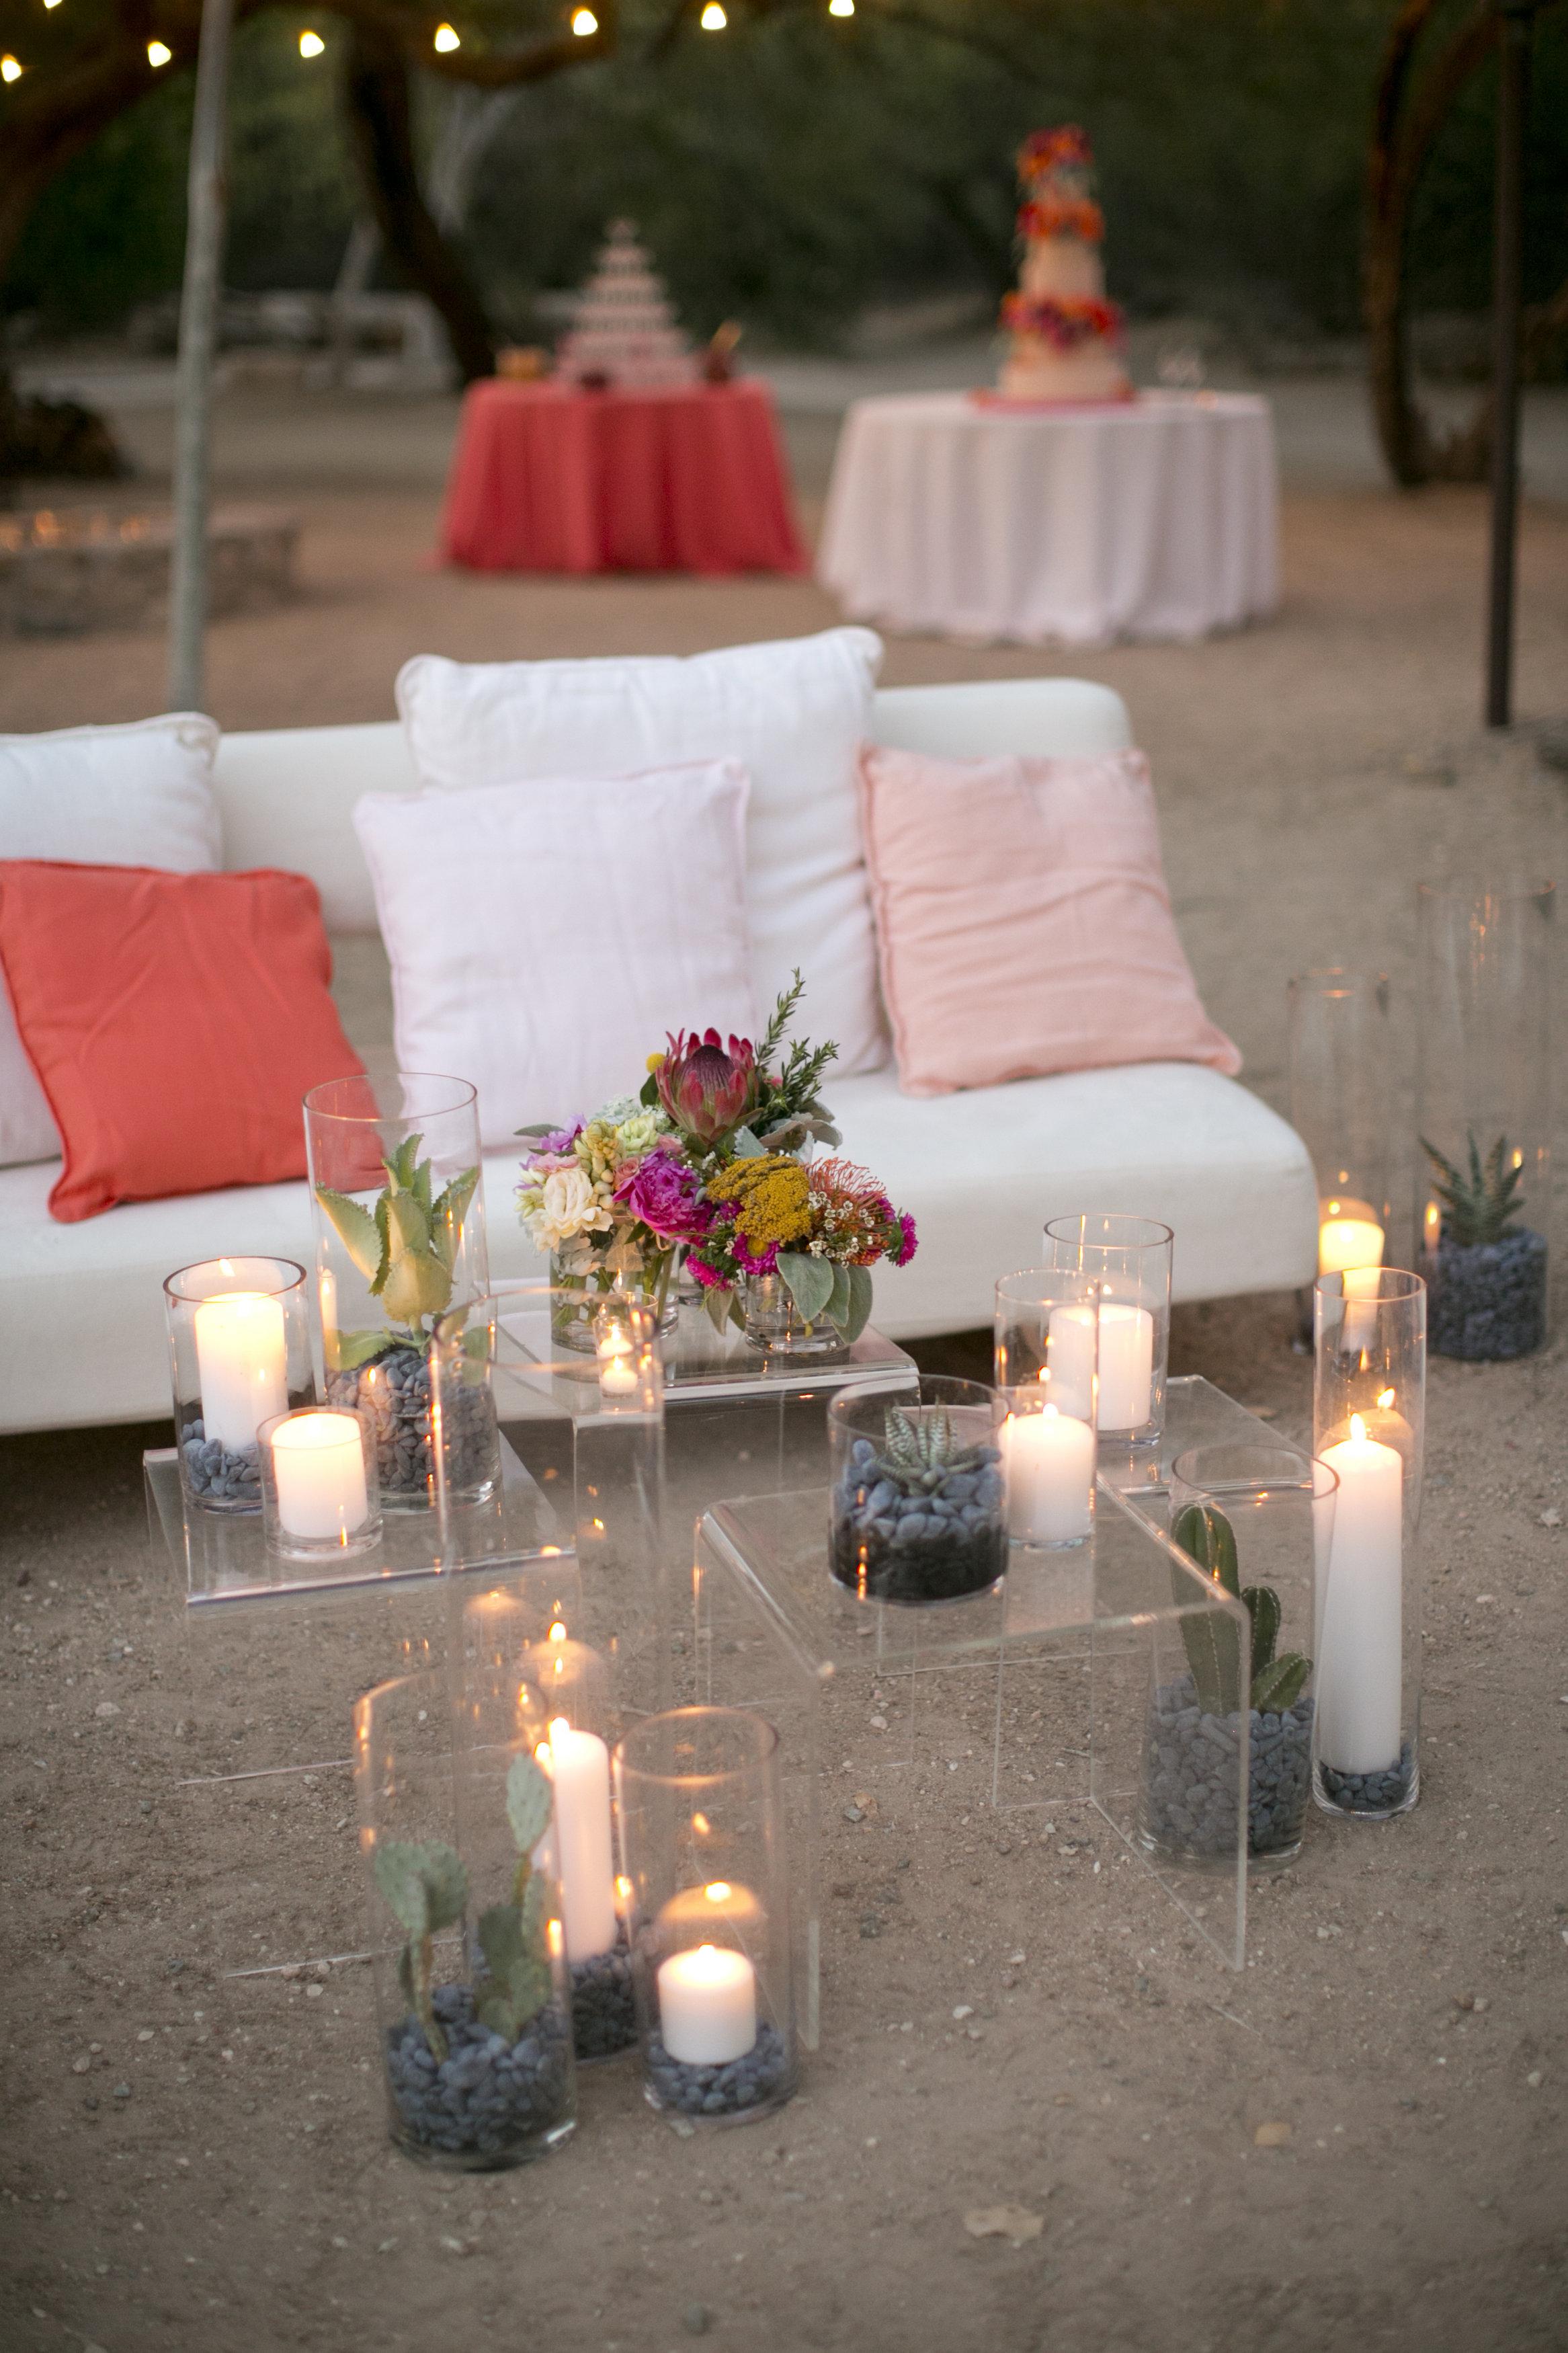 Ceci_New_York_Ceci_Style_Ceci_Johnson_Luxury_Lifestyle_Arizona_Wedding_Watercolor_Inspiration_Design_Custom_Couture_Personalized_Invitations_171.jpg